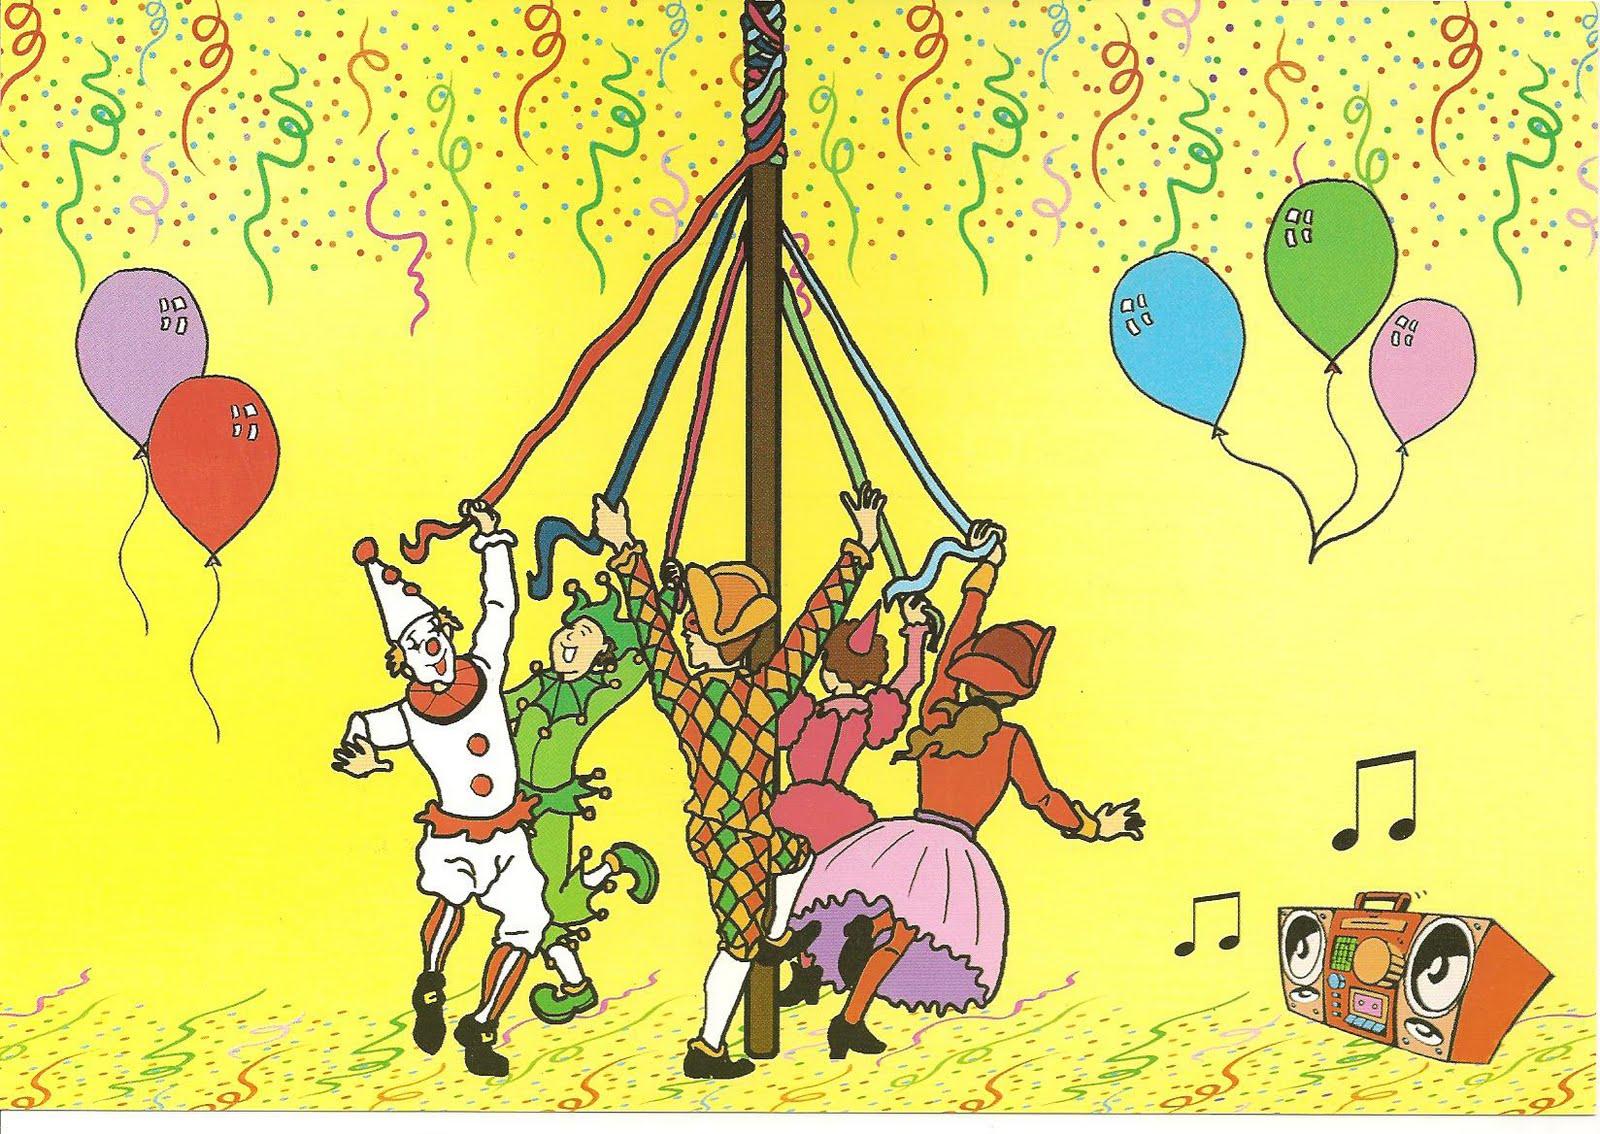 Απόκριες: τα έθιμα και πως γιορτάζονται σε όλη την Ελλάδα-featured_image